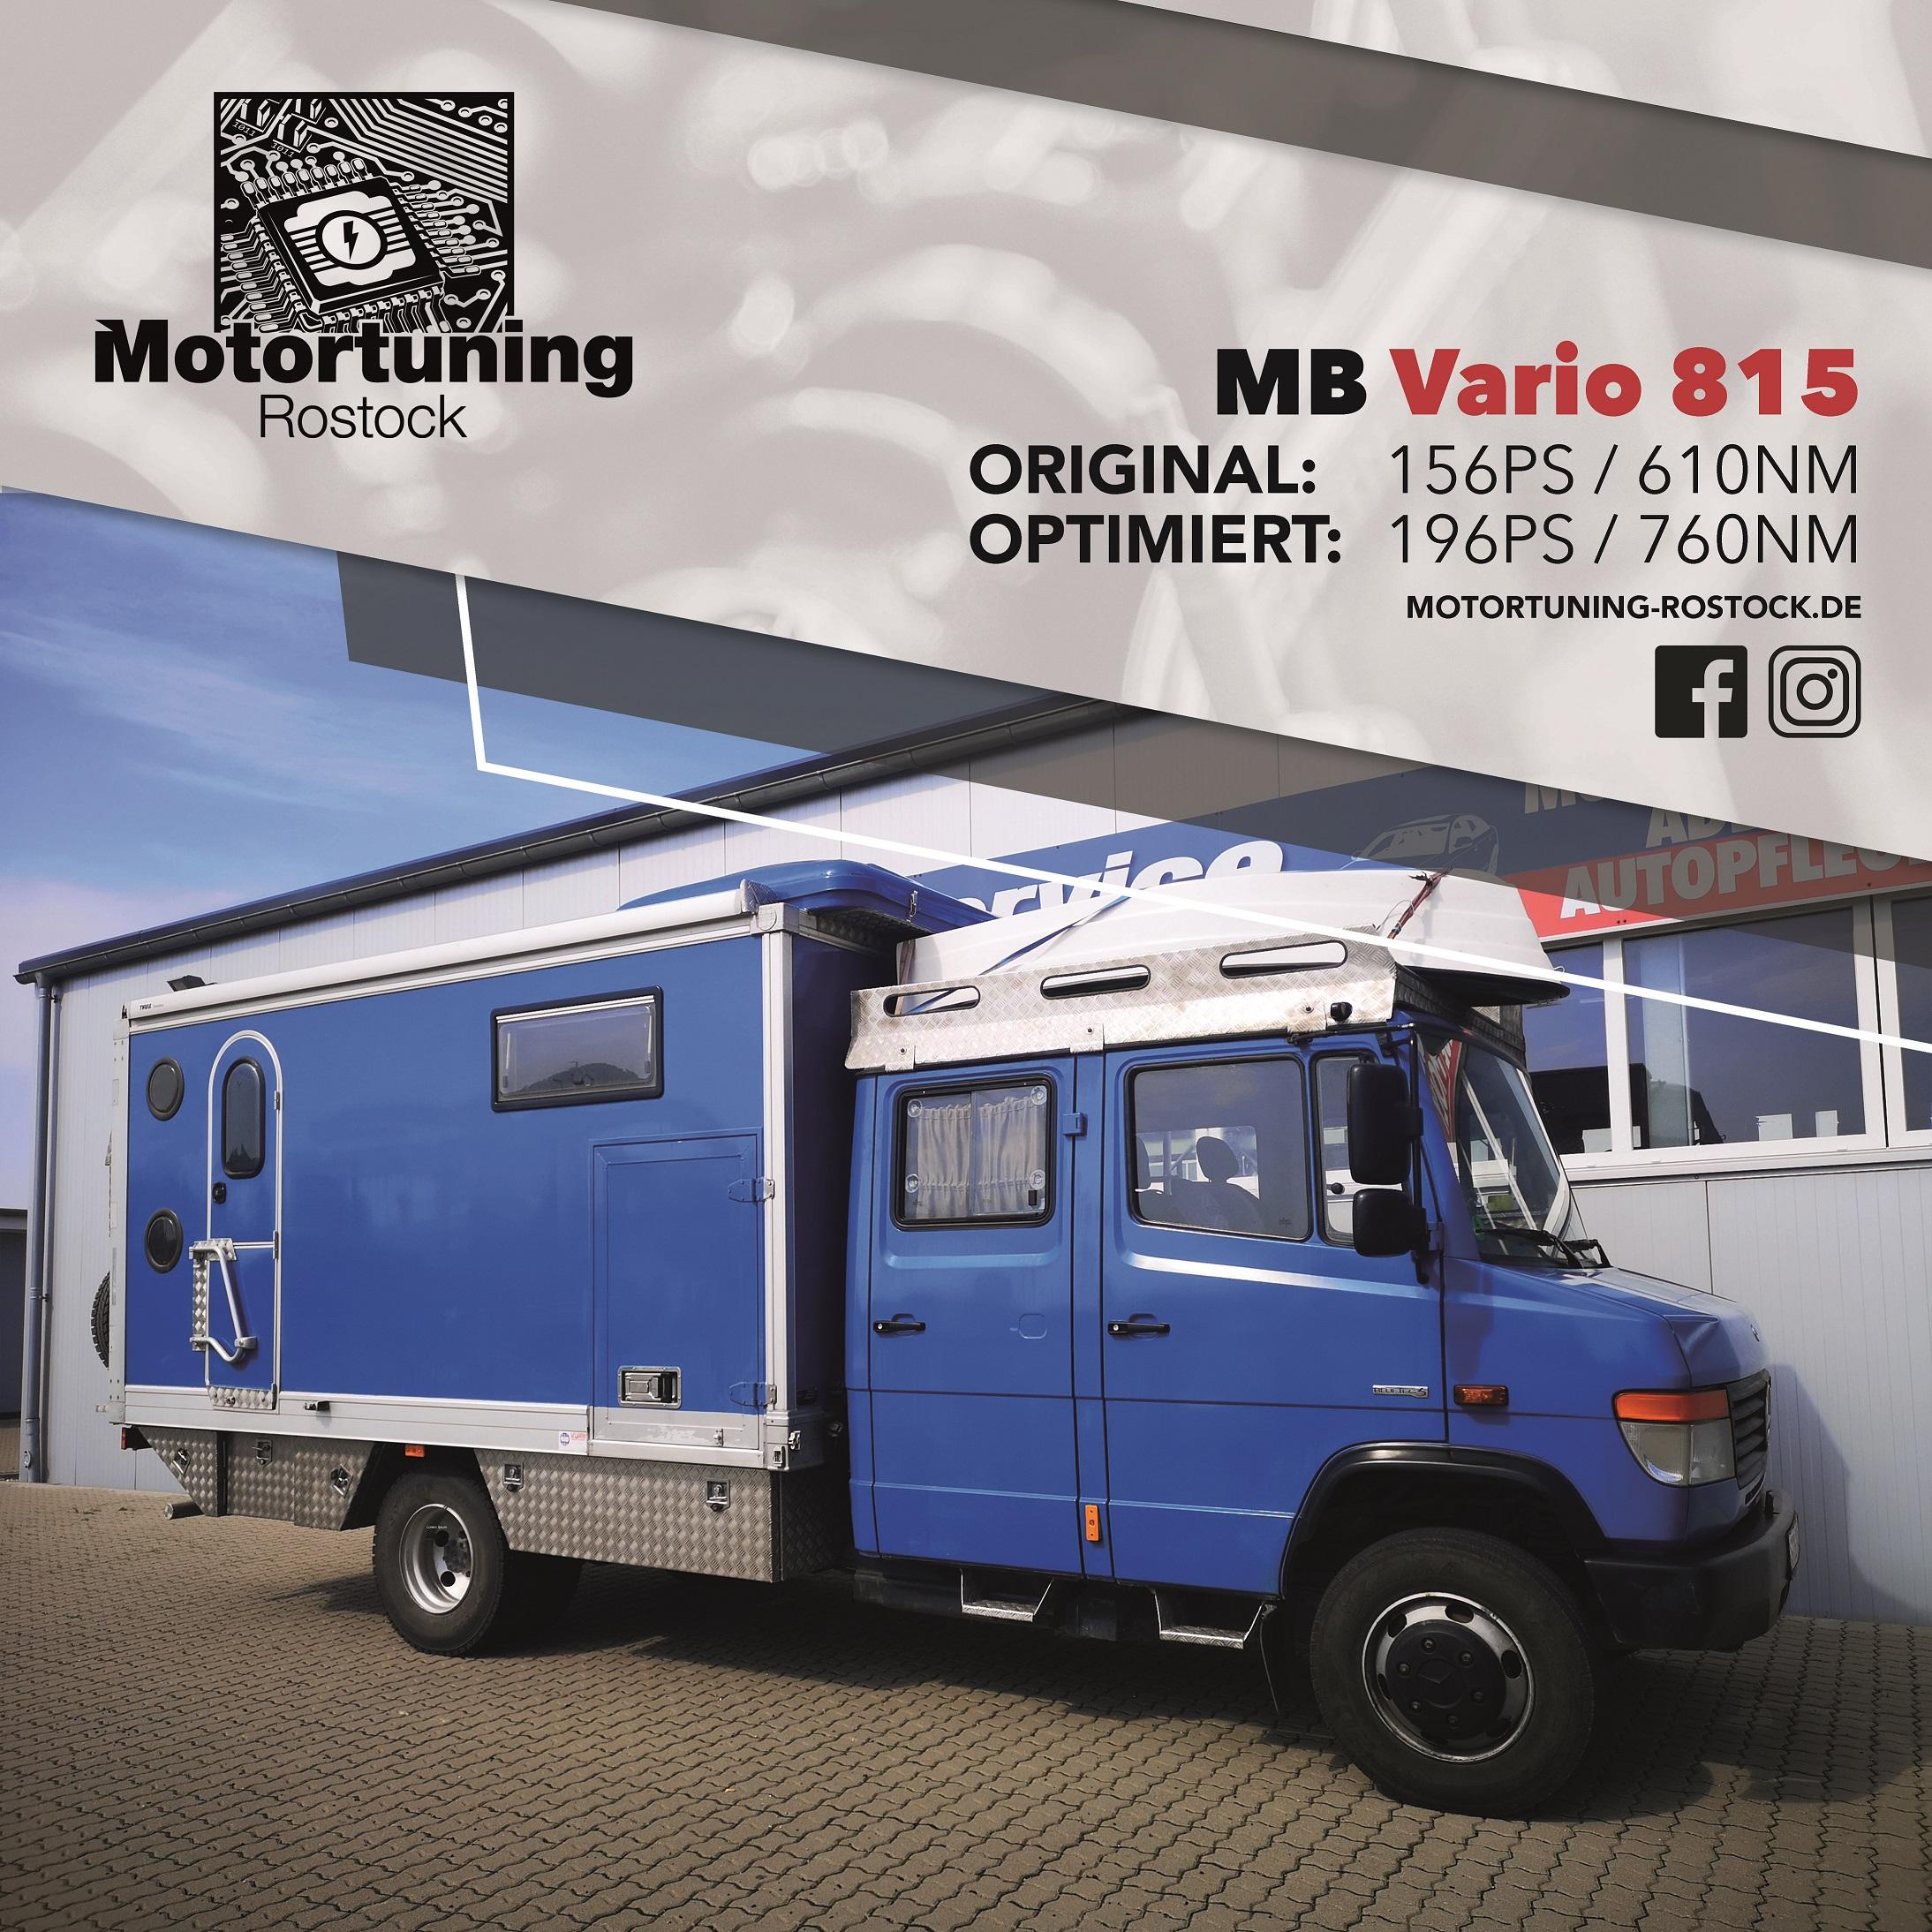 Chiptuning-Motortuning Rostock, Kennfeldoptimierung, Leistungssteigerung, Mercedes Benz Vario 815, Truck LKW, Ansicht schräg vorn, blau, Originalleistung: 156 PS optimierte Leistung:196 PS